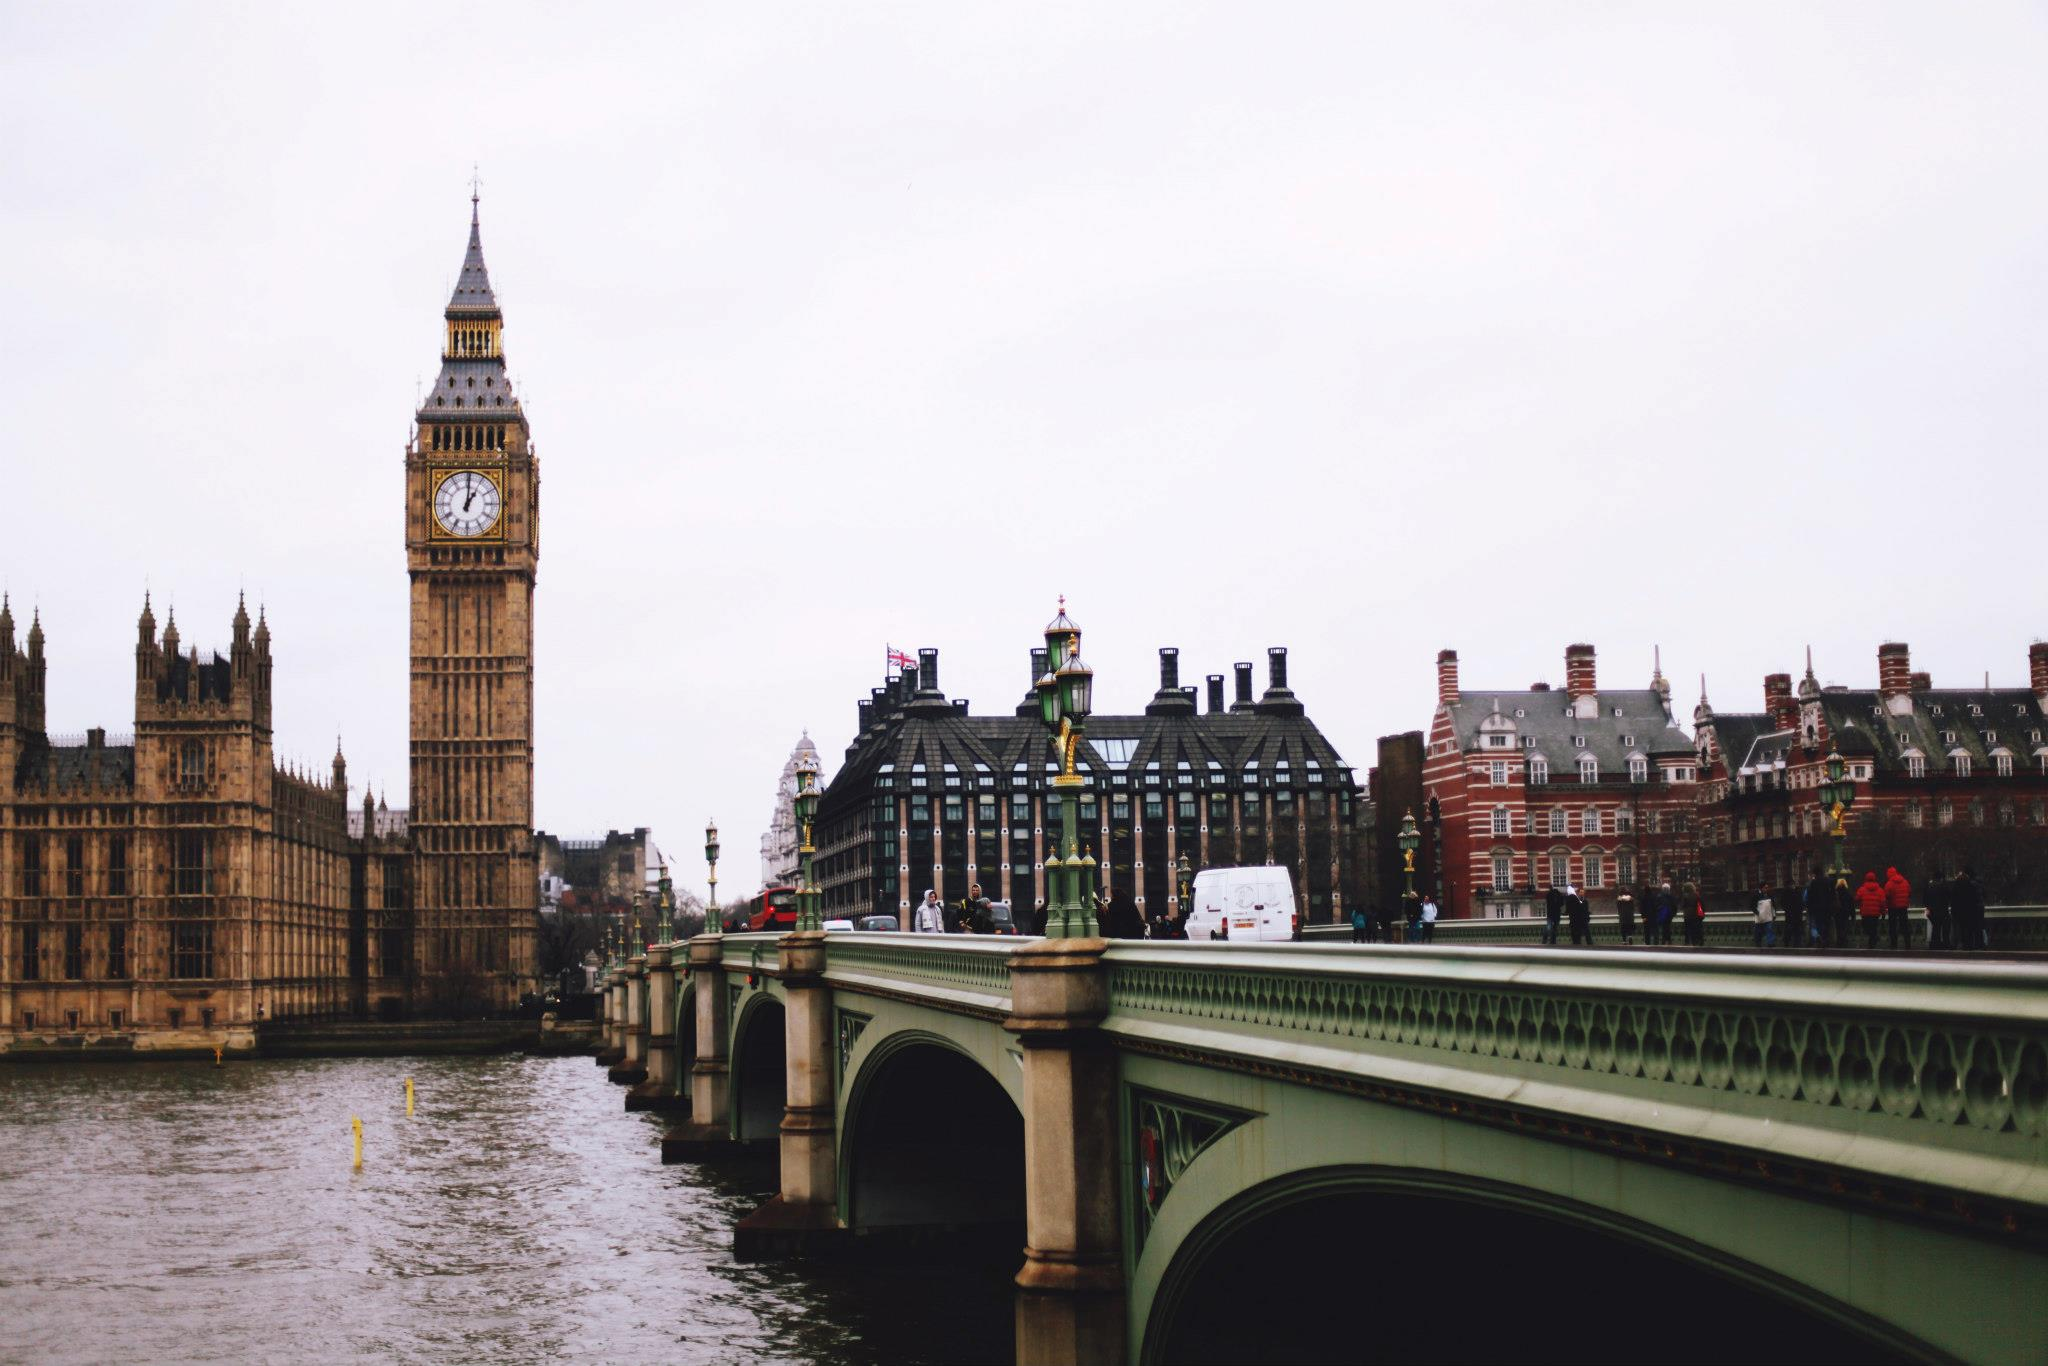 London, England, January 2013